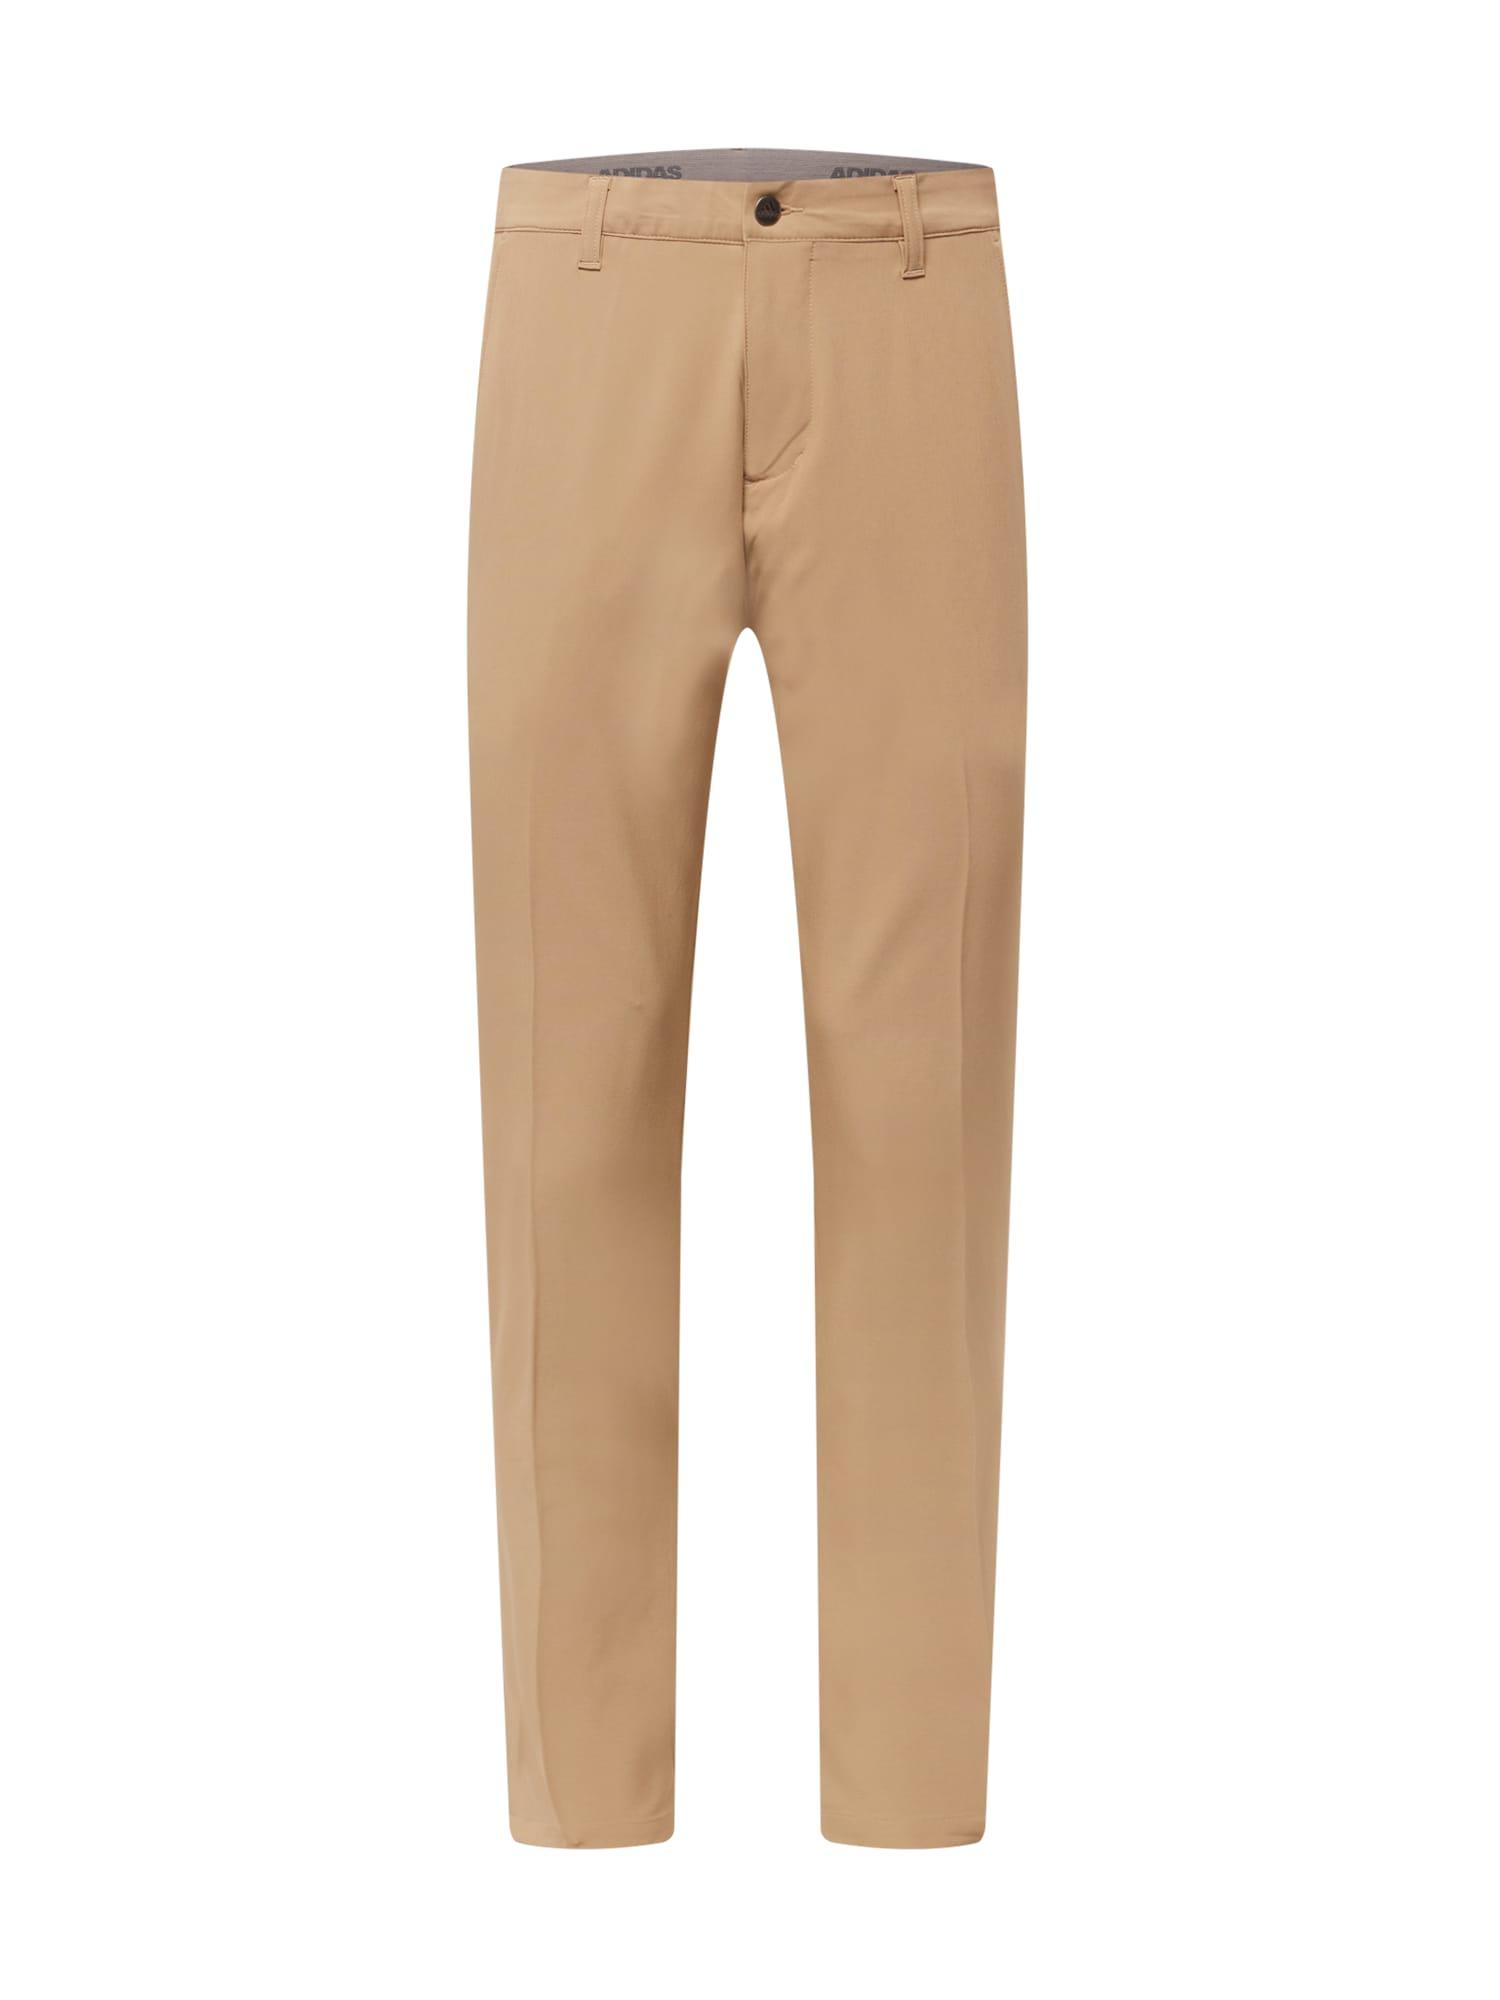 adidas Golf Sportinės kelnės šviesiai ruda